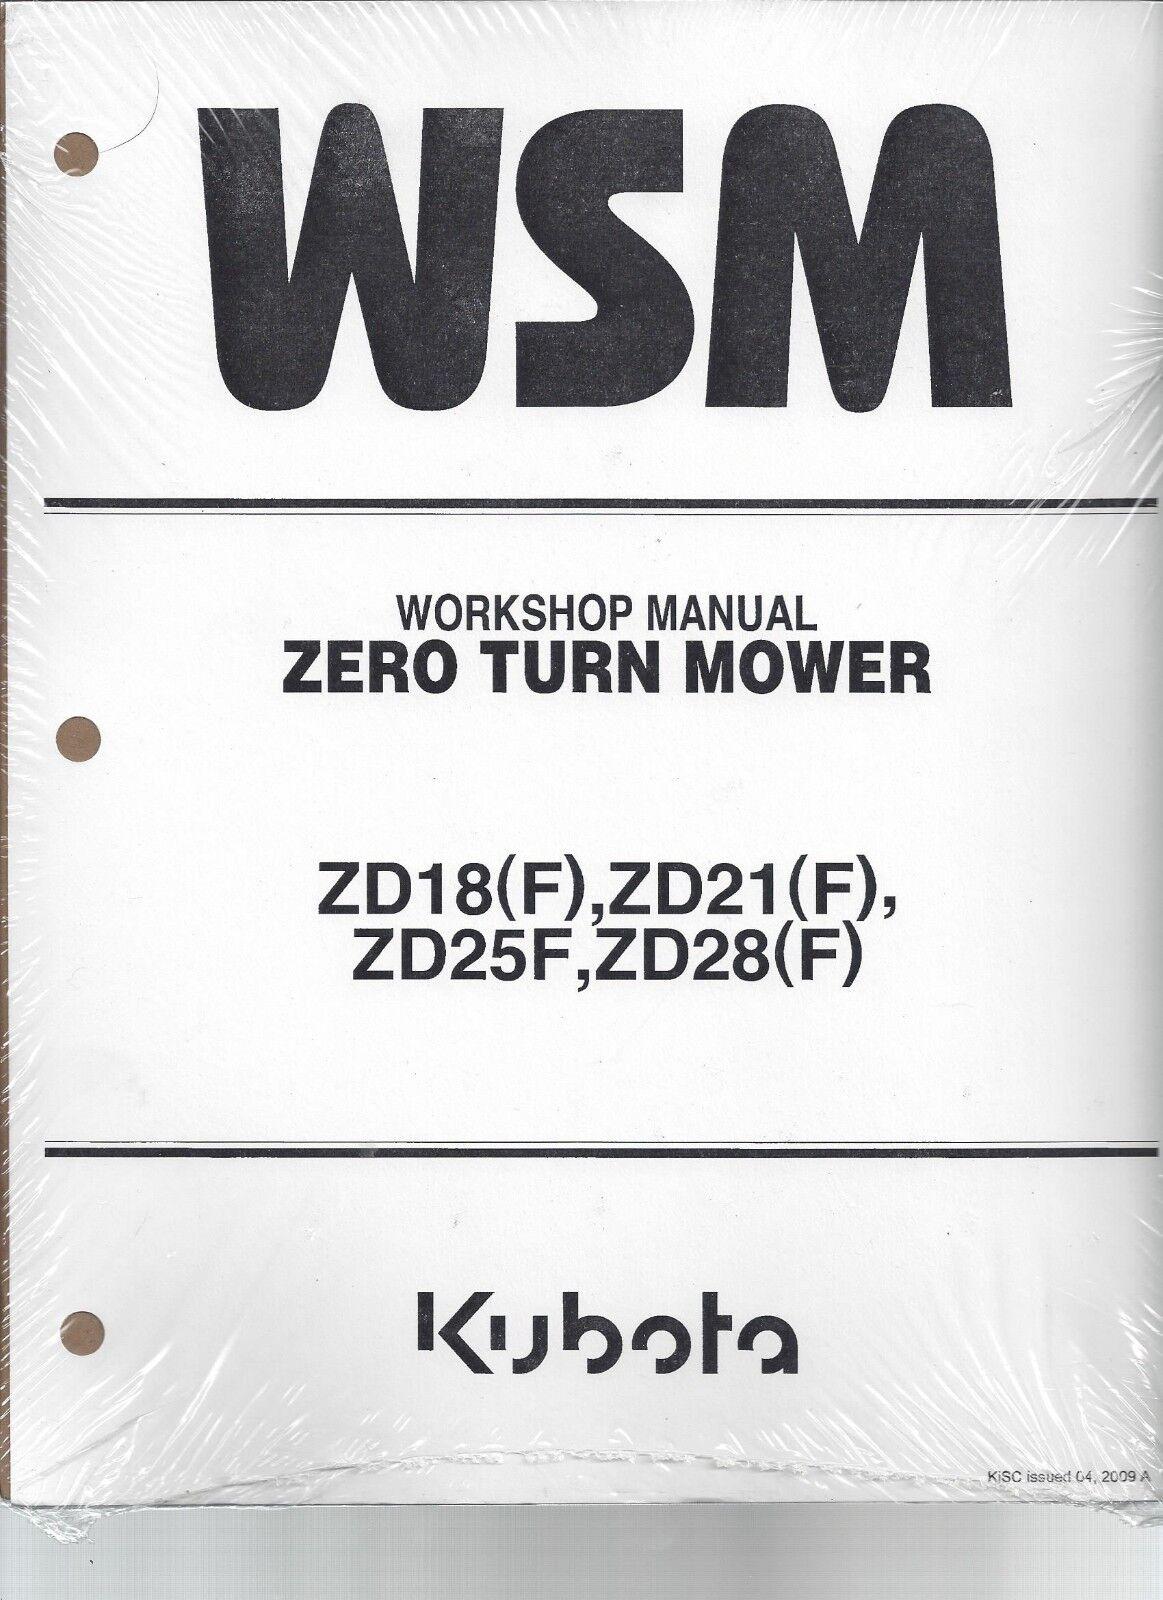 item 2 Kubota ZD18, ZD21, ZD25, ZD28 Workshop Service Manual 9Y021-15062 - Kubota ZD18, ZD21, ZD25, ZD28 Workshop Service Manual 9Y021-15062